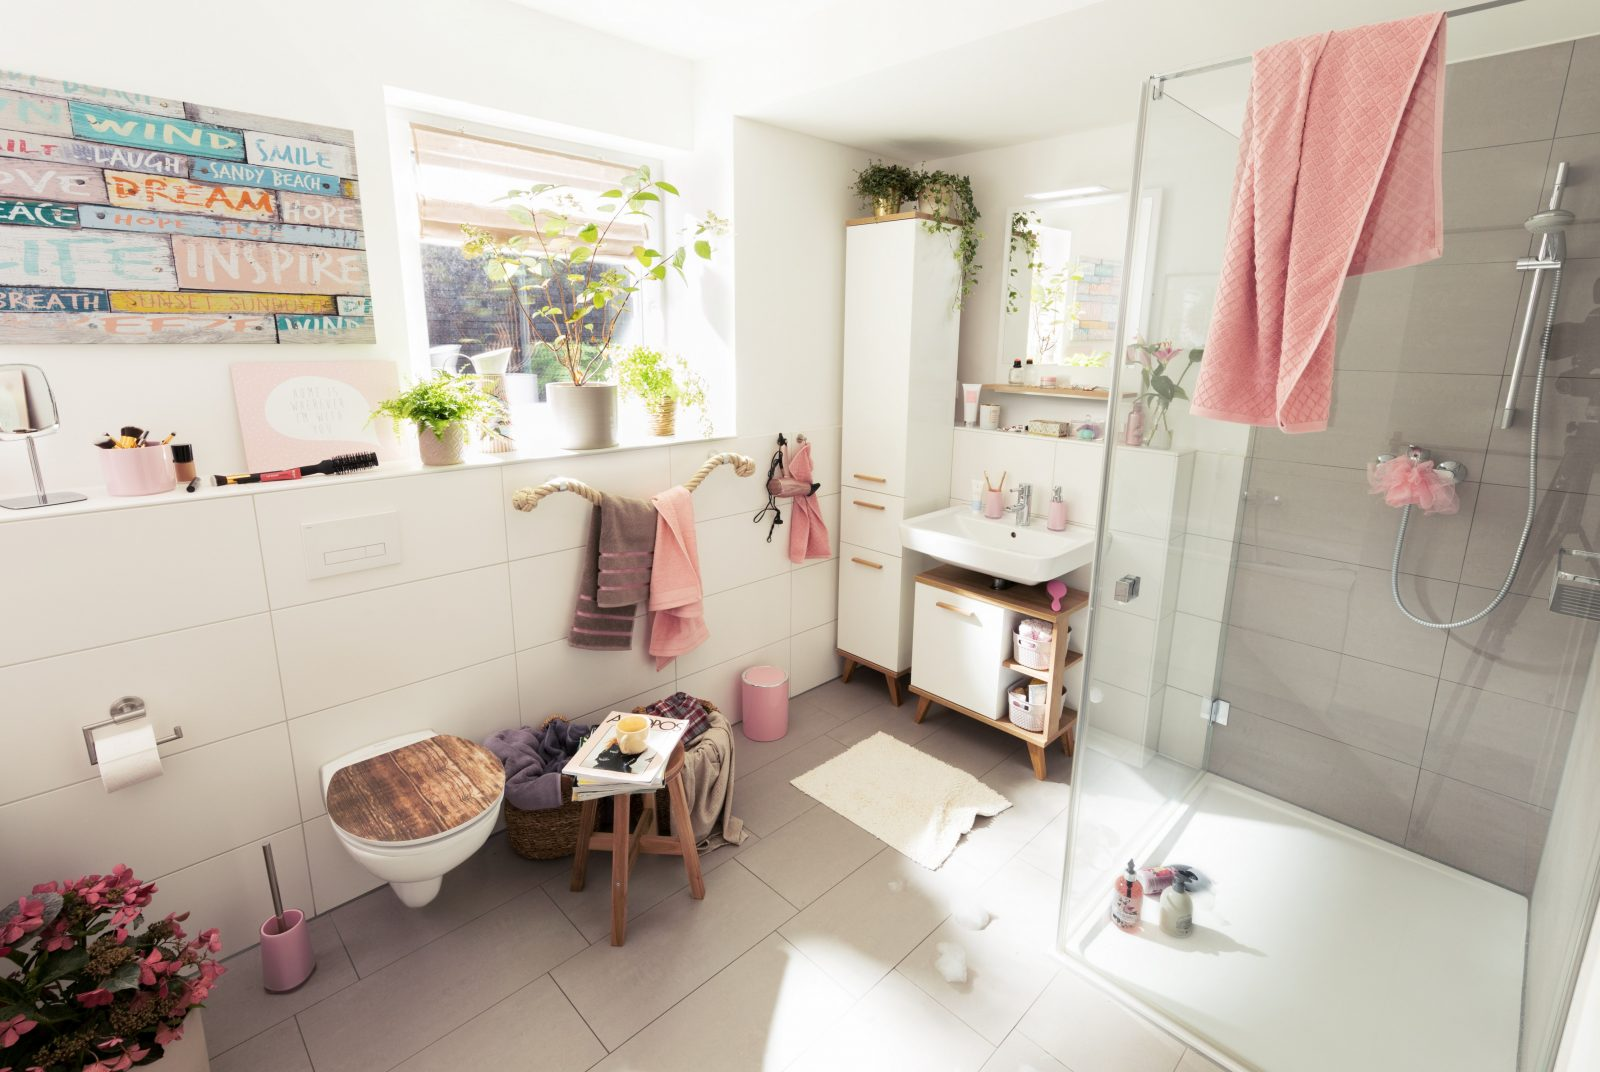 Badezimmer Dekorieren – Wohlfühlatmosphäre Im Bad  Obi von Badezimmer Verschönern Dekoration Bild